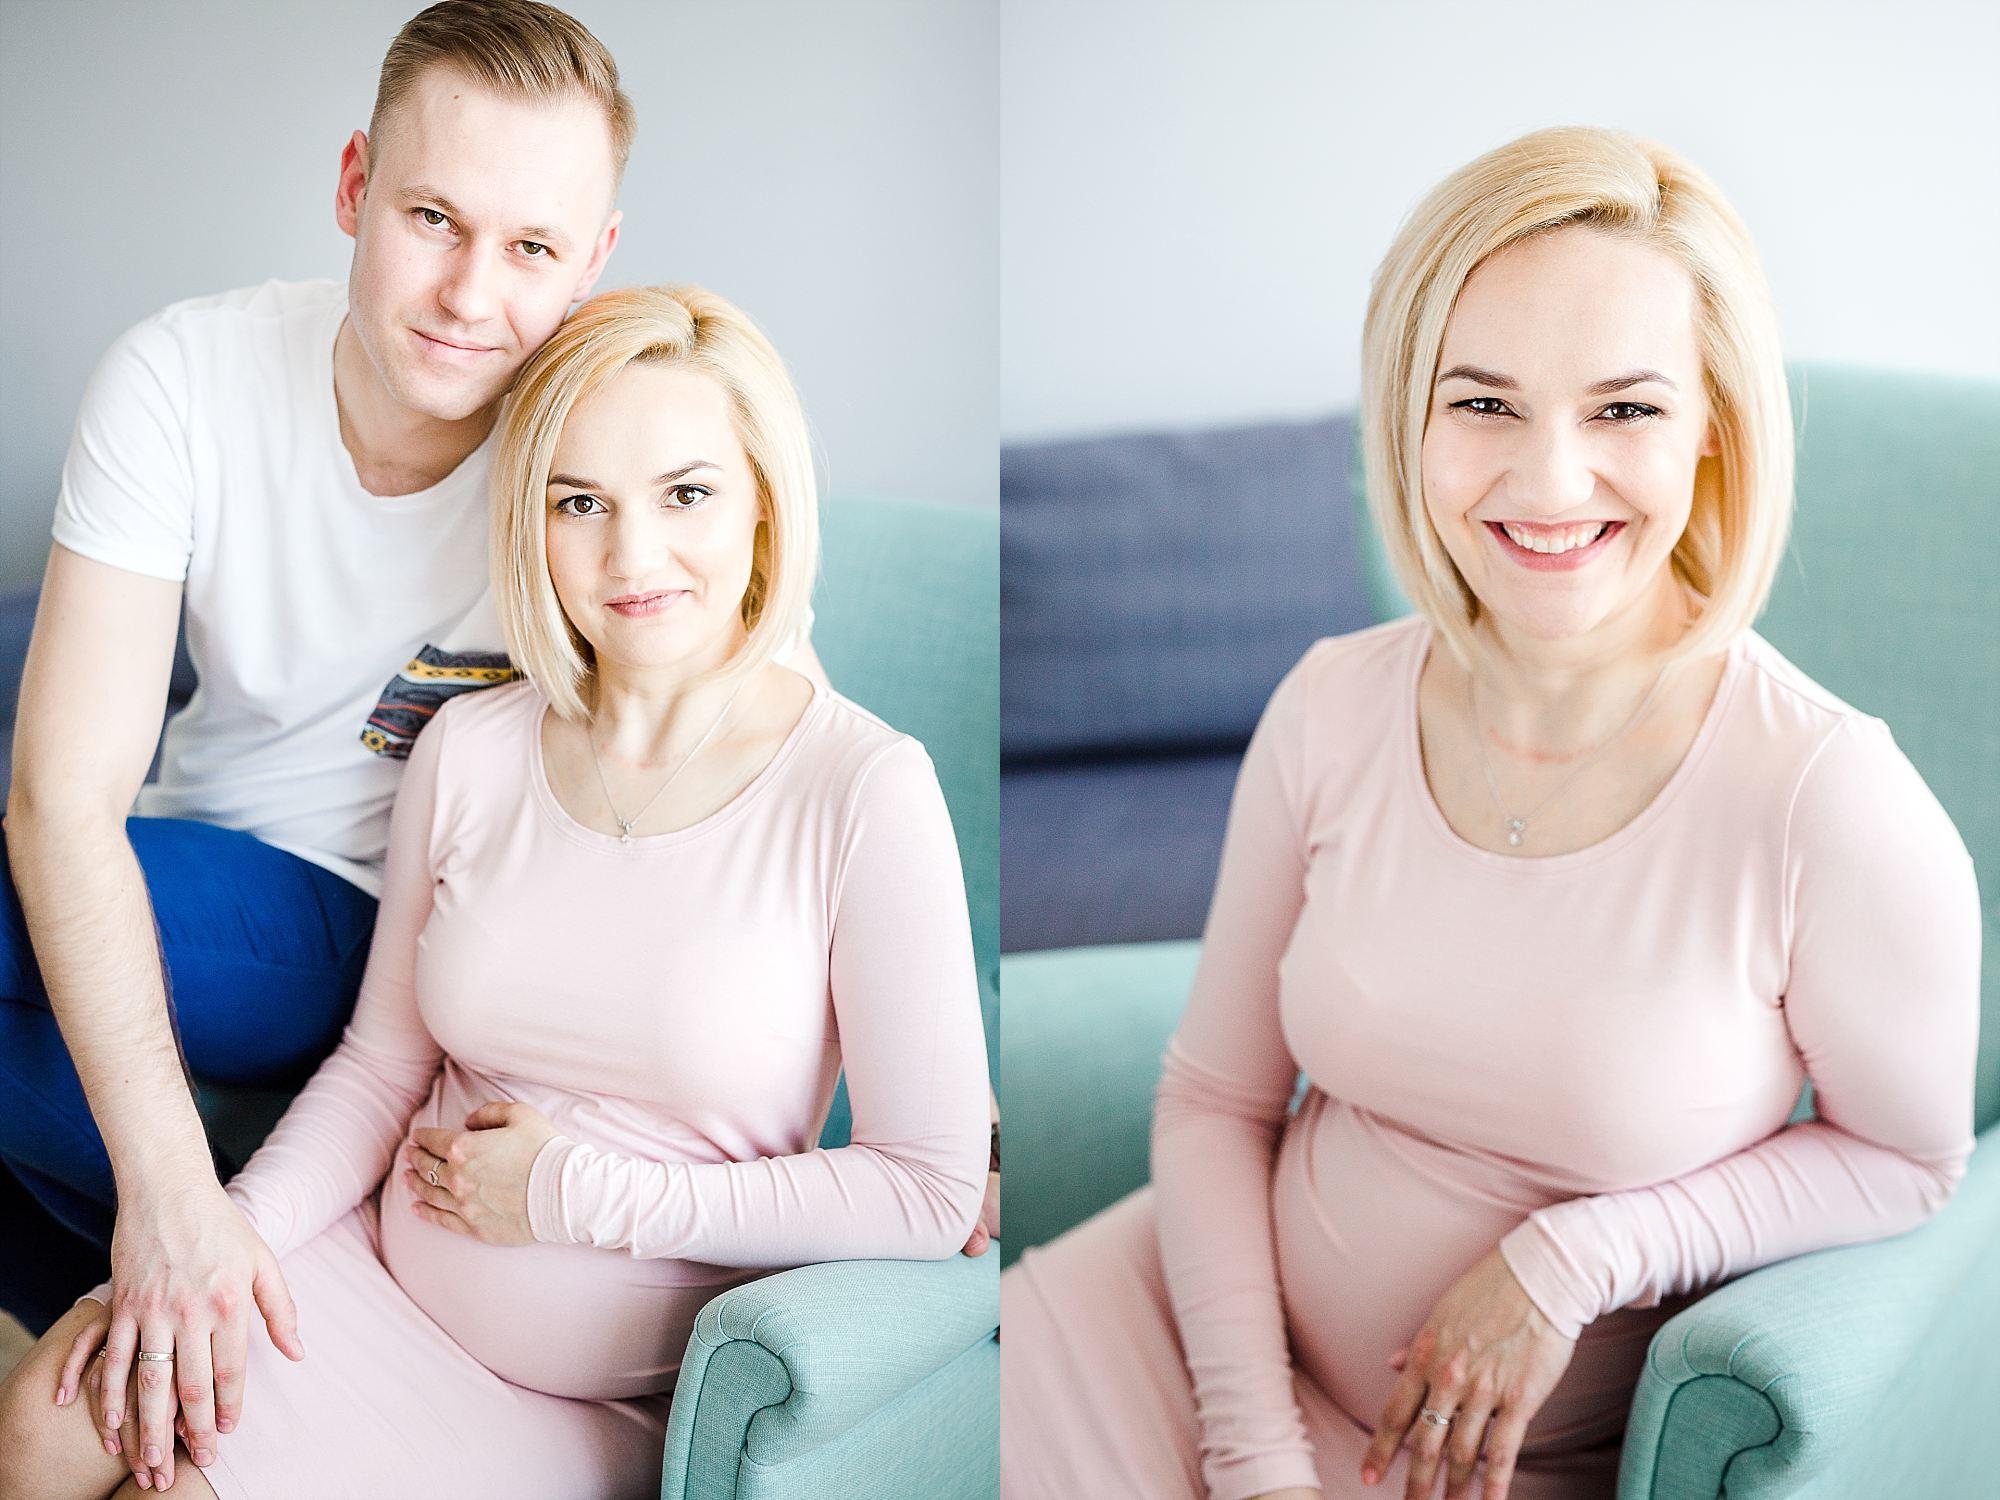 portret młodego małżeństwa spodziewającego się dziecka